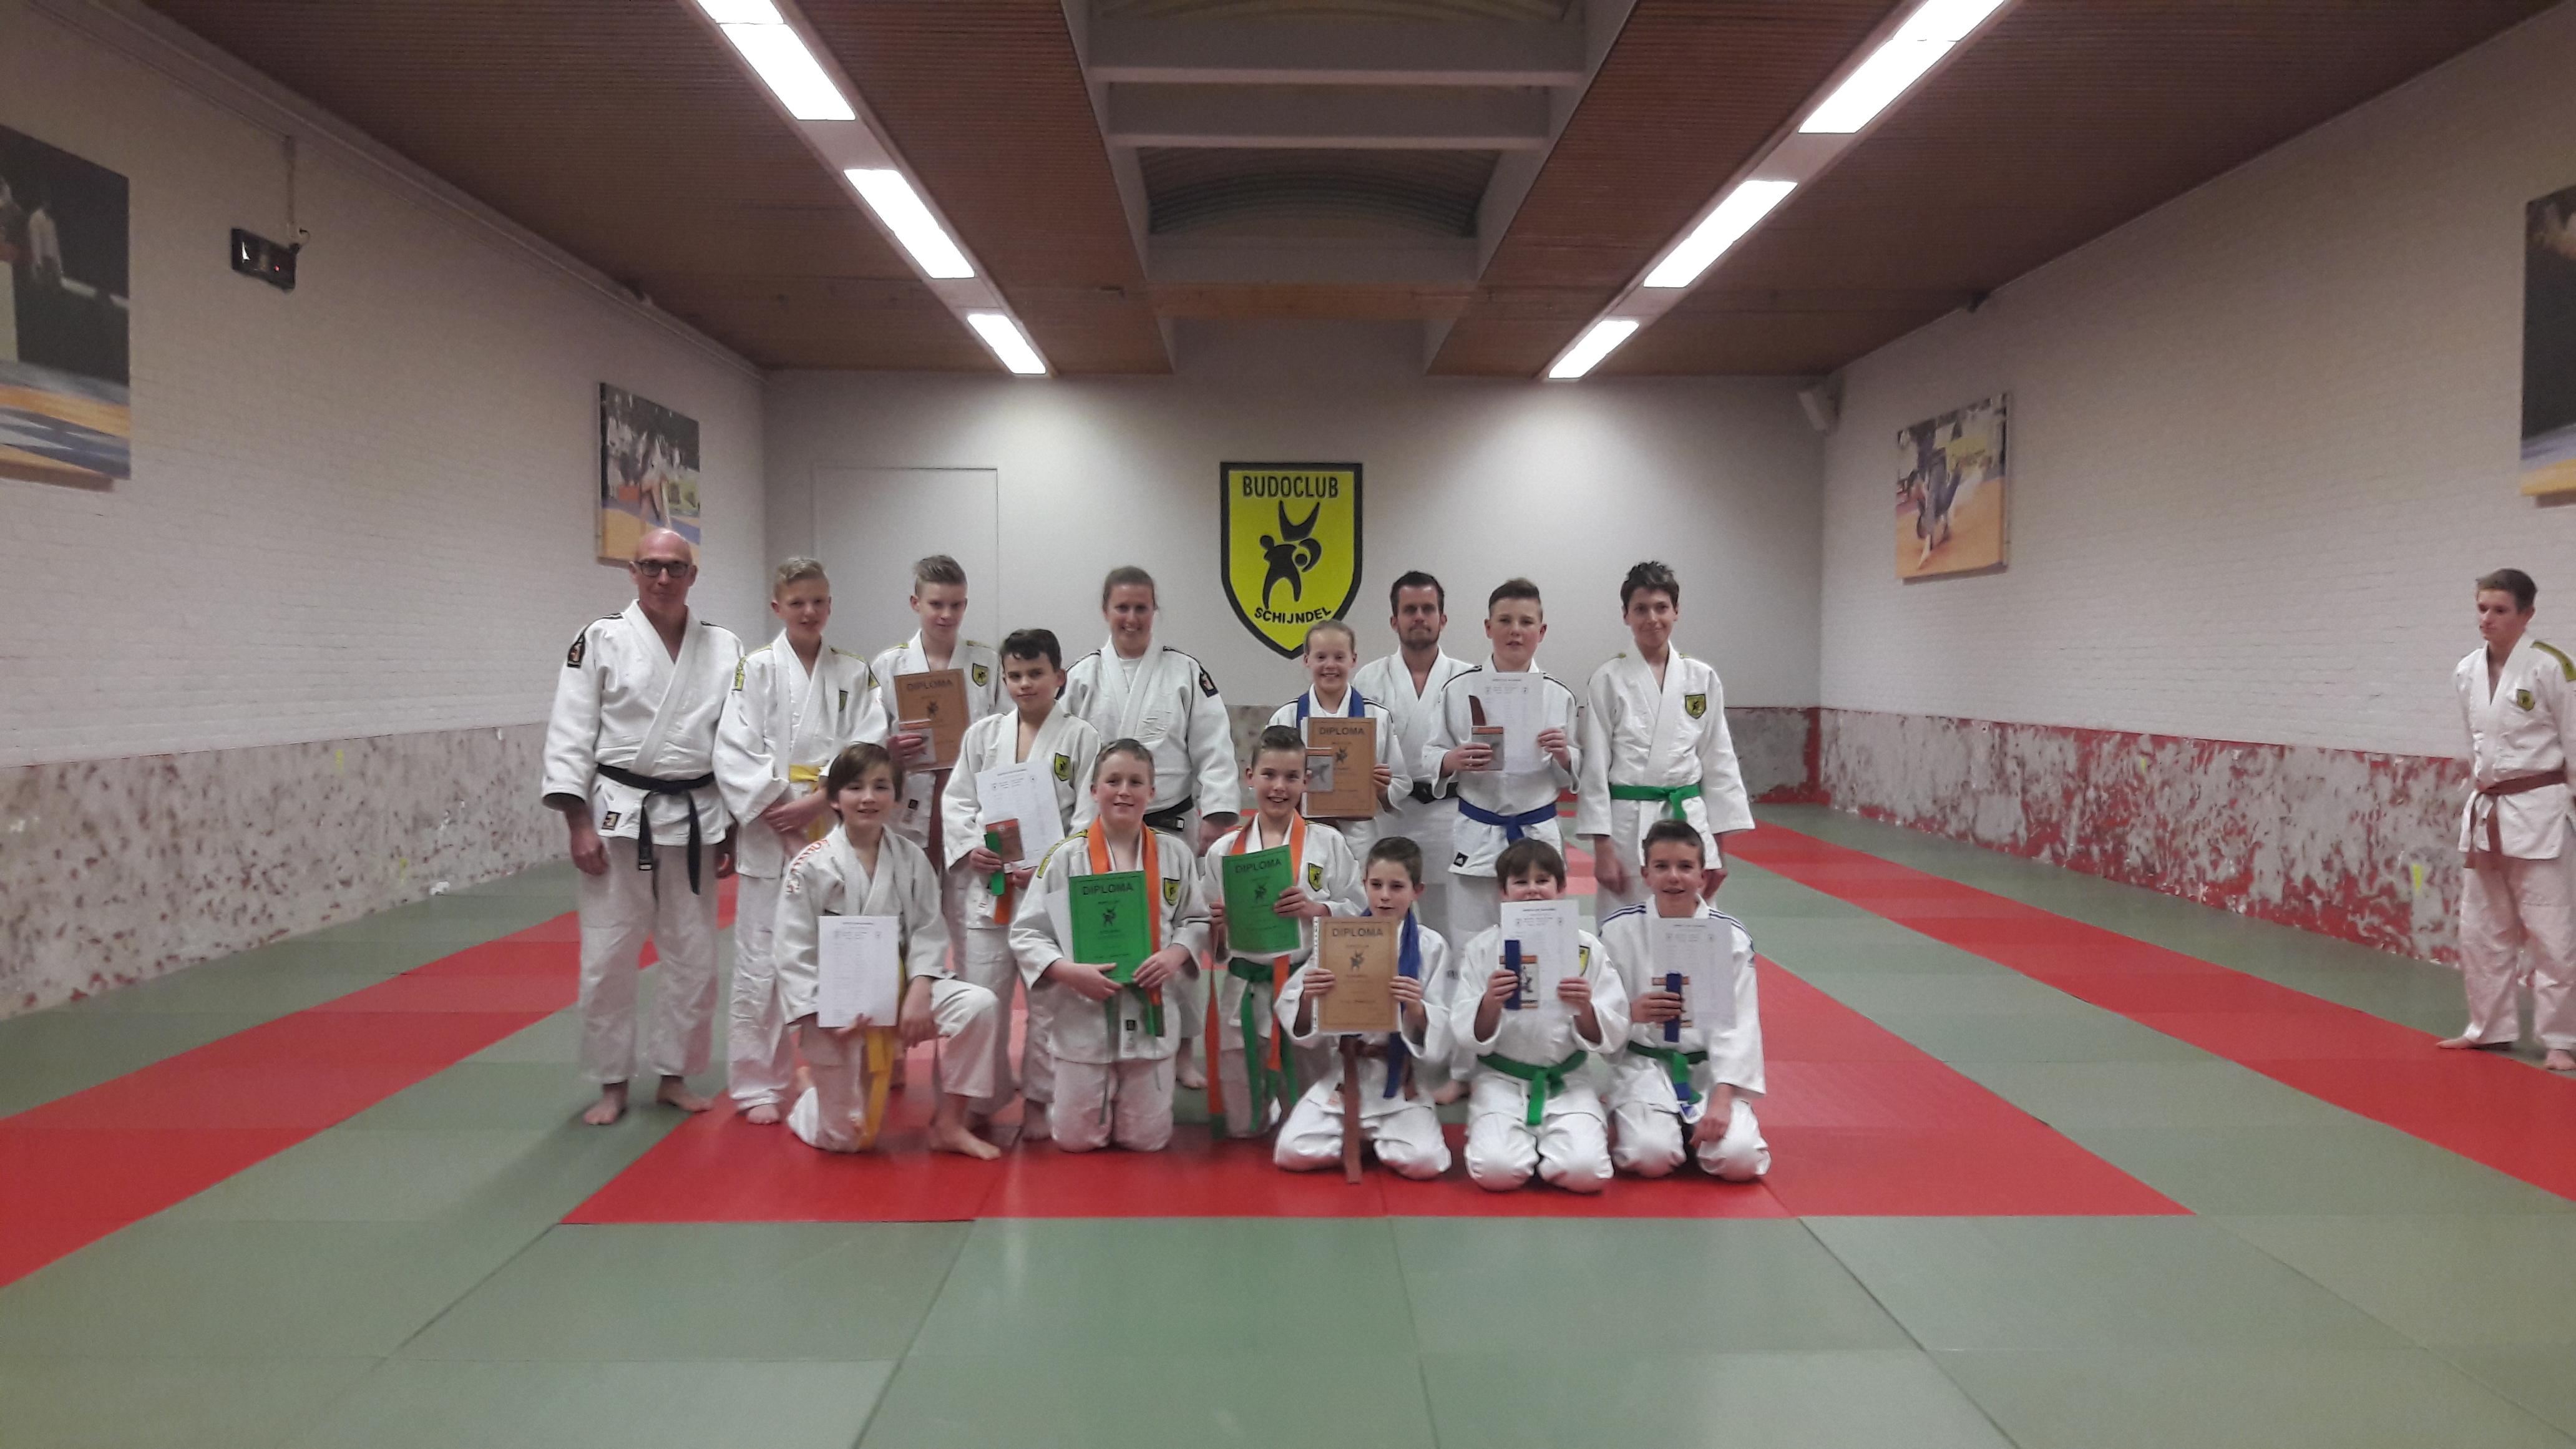 Judo examens groep 1, 2 en 5 zitten er op